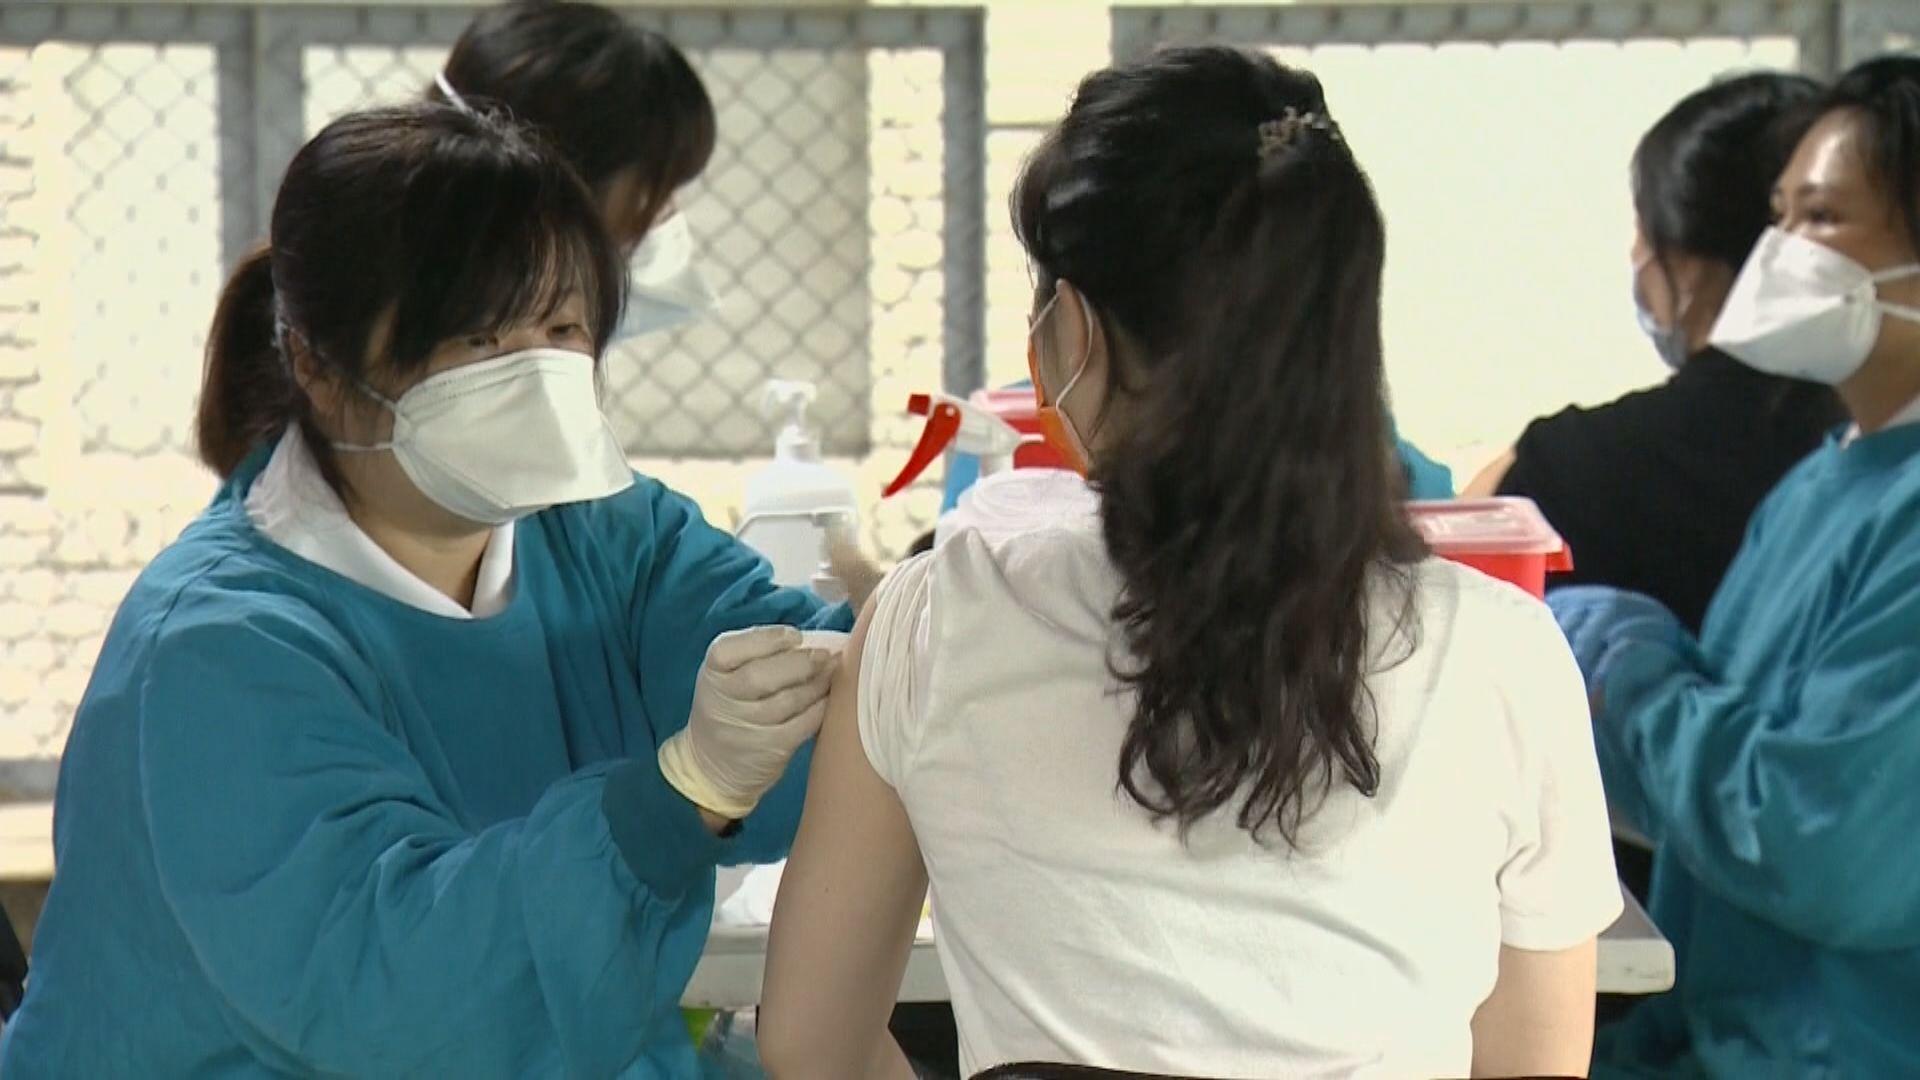 國台辦批評民進黨當局政治操弄疫苗議題